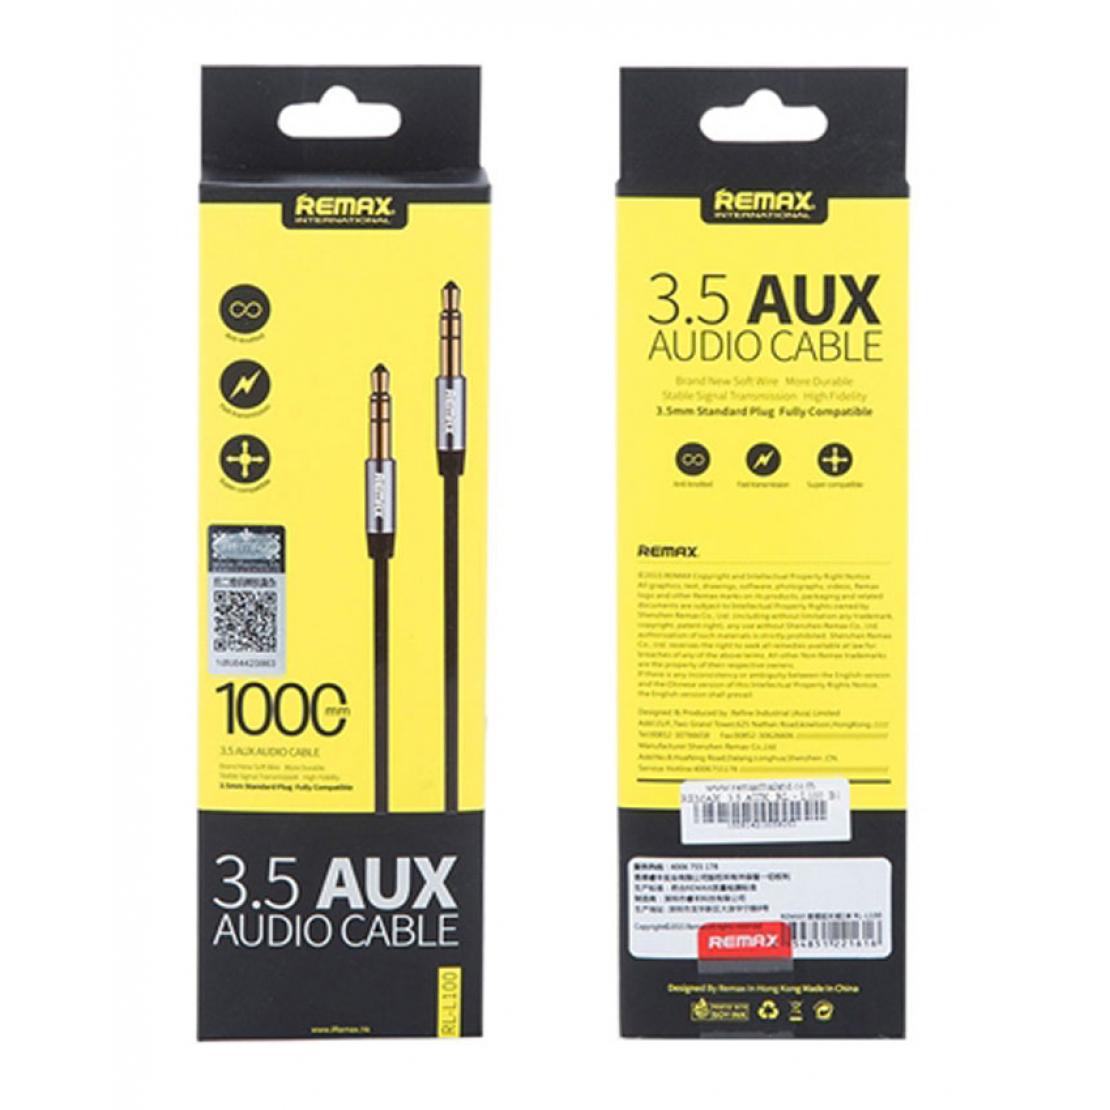 Remax RL-L200 - 3.5 AUX Audio Cable 2meter - Black